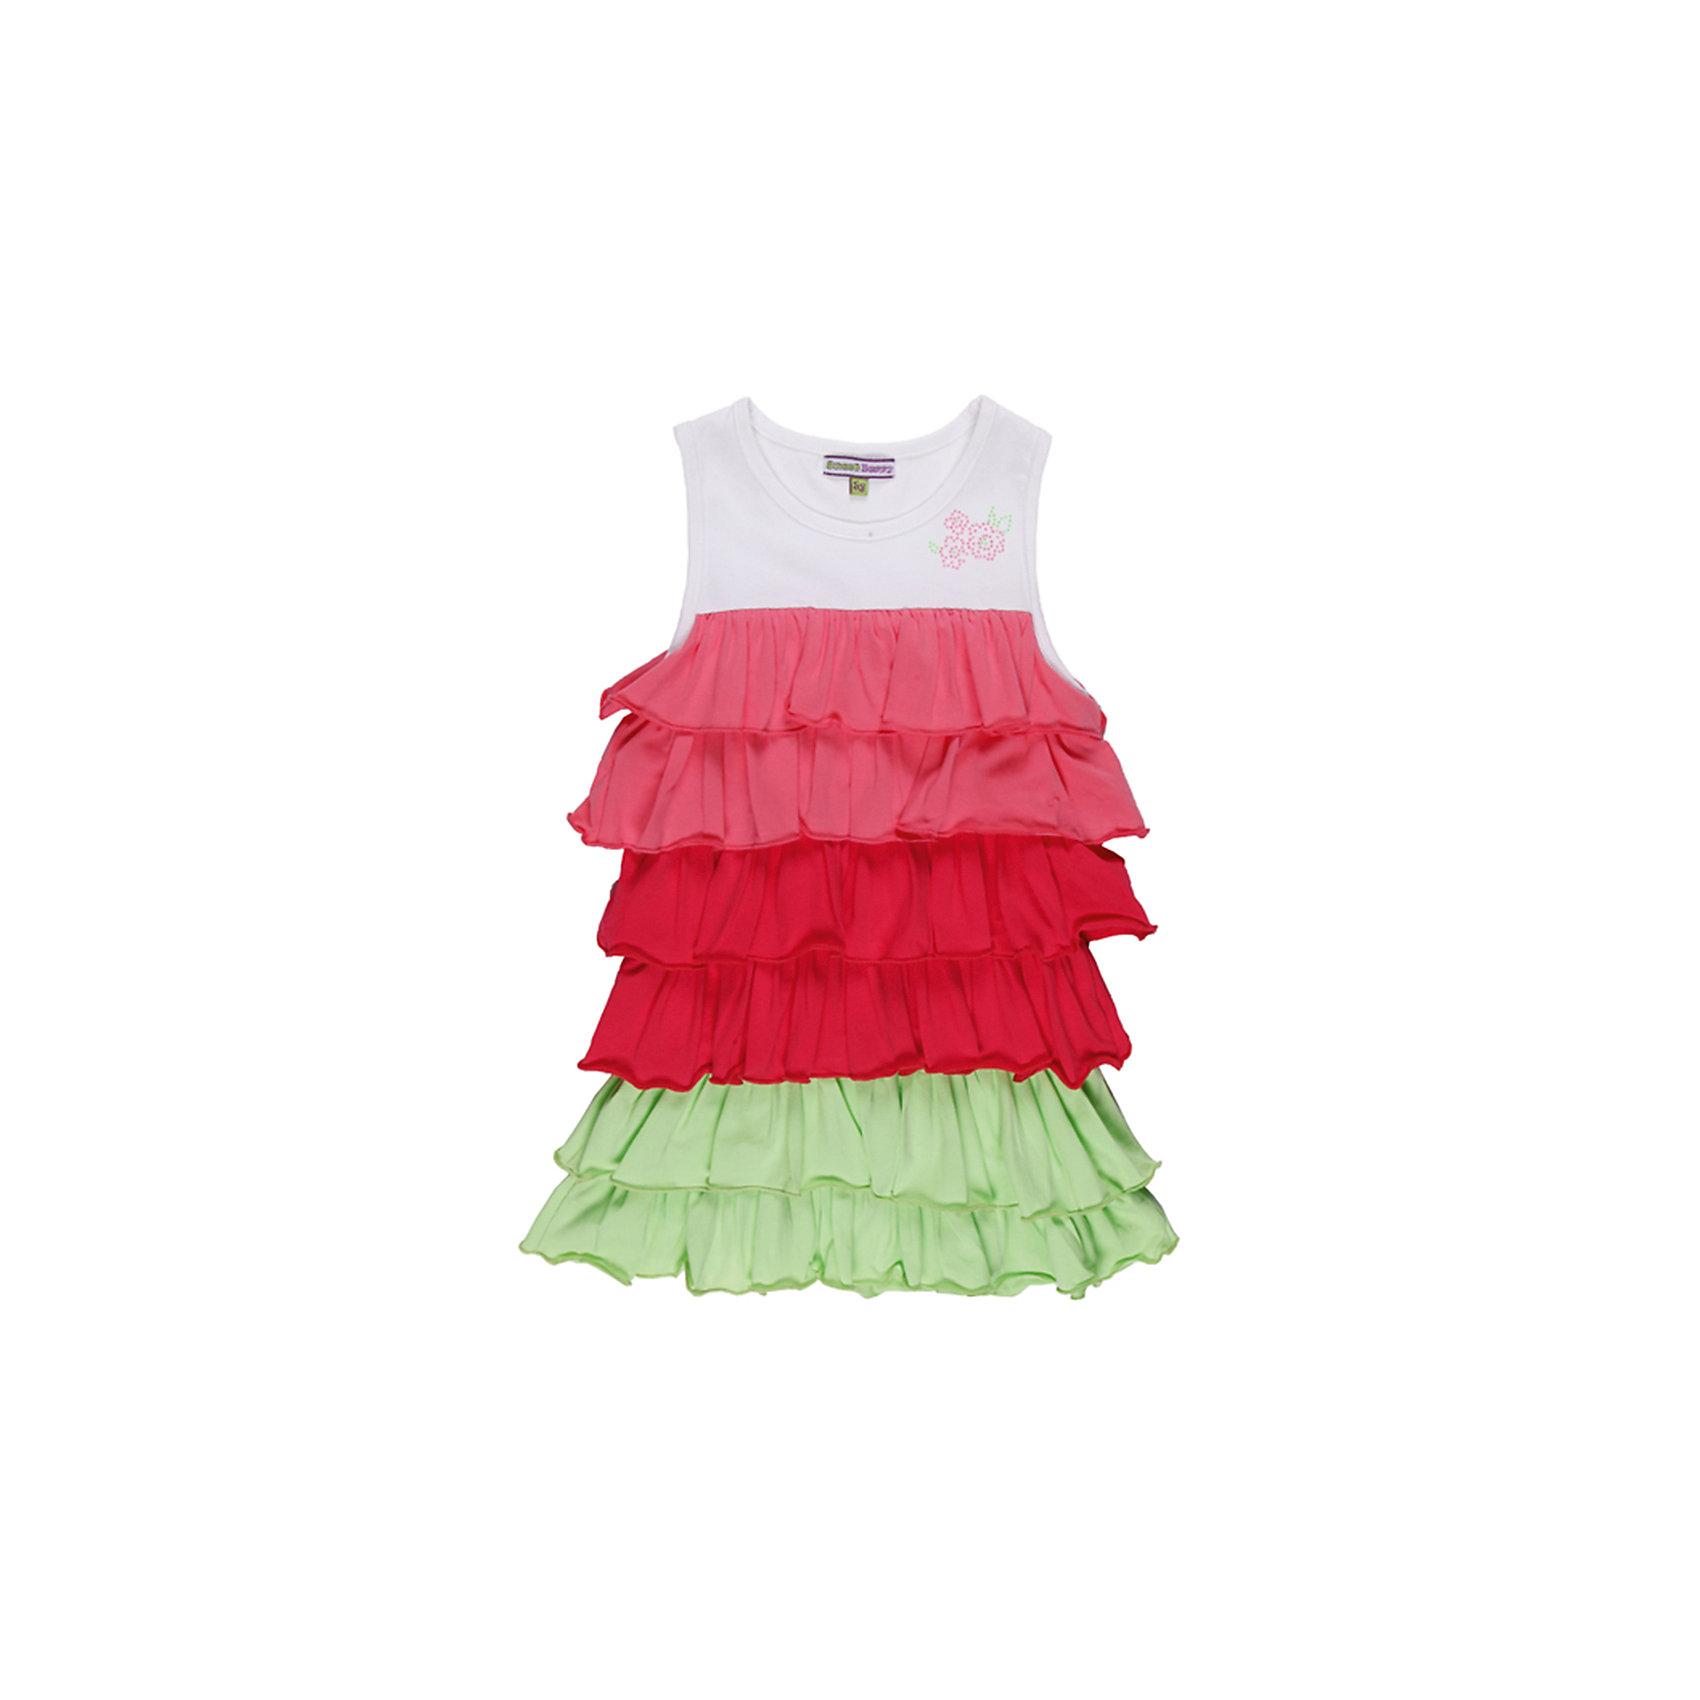 Платье для девочки Sweet BerryПлатья и сарафаны<br>Яркое трикотажное  платье с воланами. Декорировано узором из страз.<br>Состав:<br>95% хлопок, 5% эластан<br><br>Ширина мм: 236<br>Глубина мм: 16<br>Высота мм: 184<br>Вес г: 177<br>Цвет: розовый/белый<br>Возраст от месяцев: 24<br>Возраст до месяцев: 36<br>Пол: Женский<br>Возраст: Детский<br>Размер: 98,122,110,104,128,116<br>SKU: 4521325